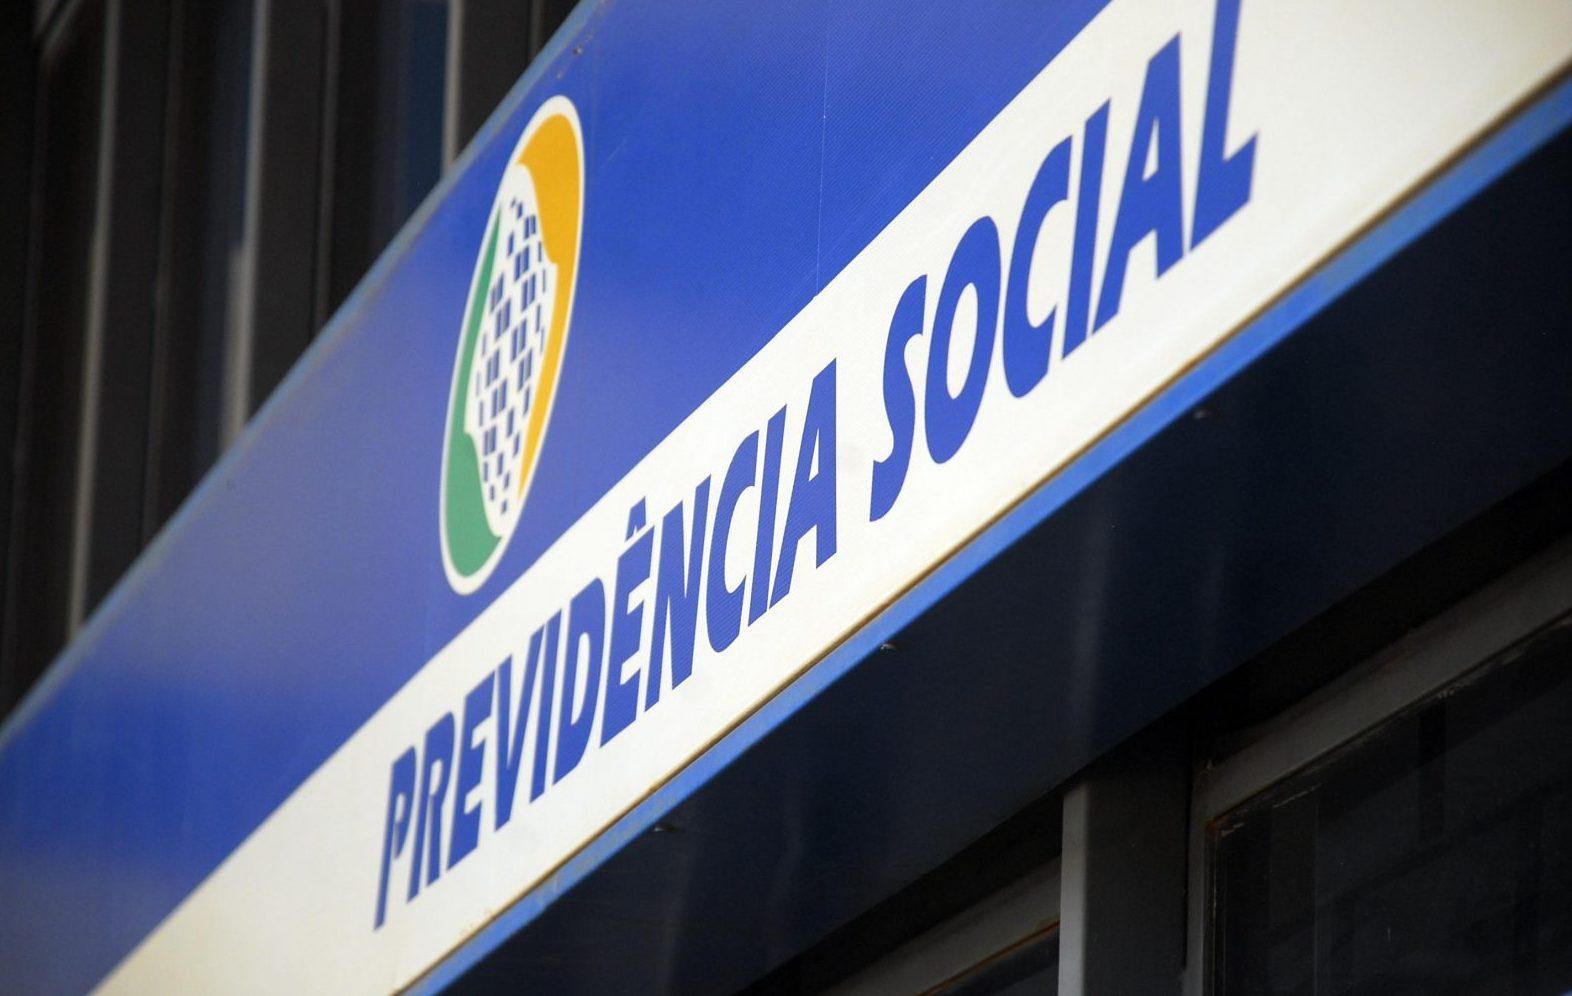 Sindsprev/RJ pede reunião com gerências do INSS e questiona sobre condições para reabertura de agências